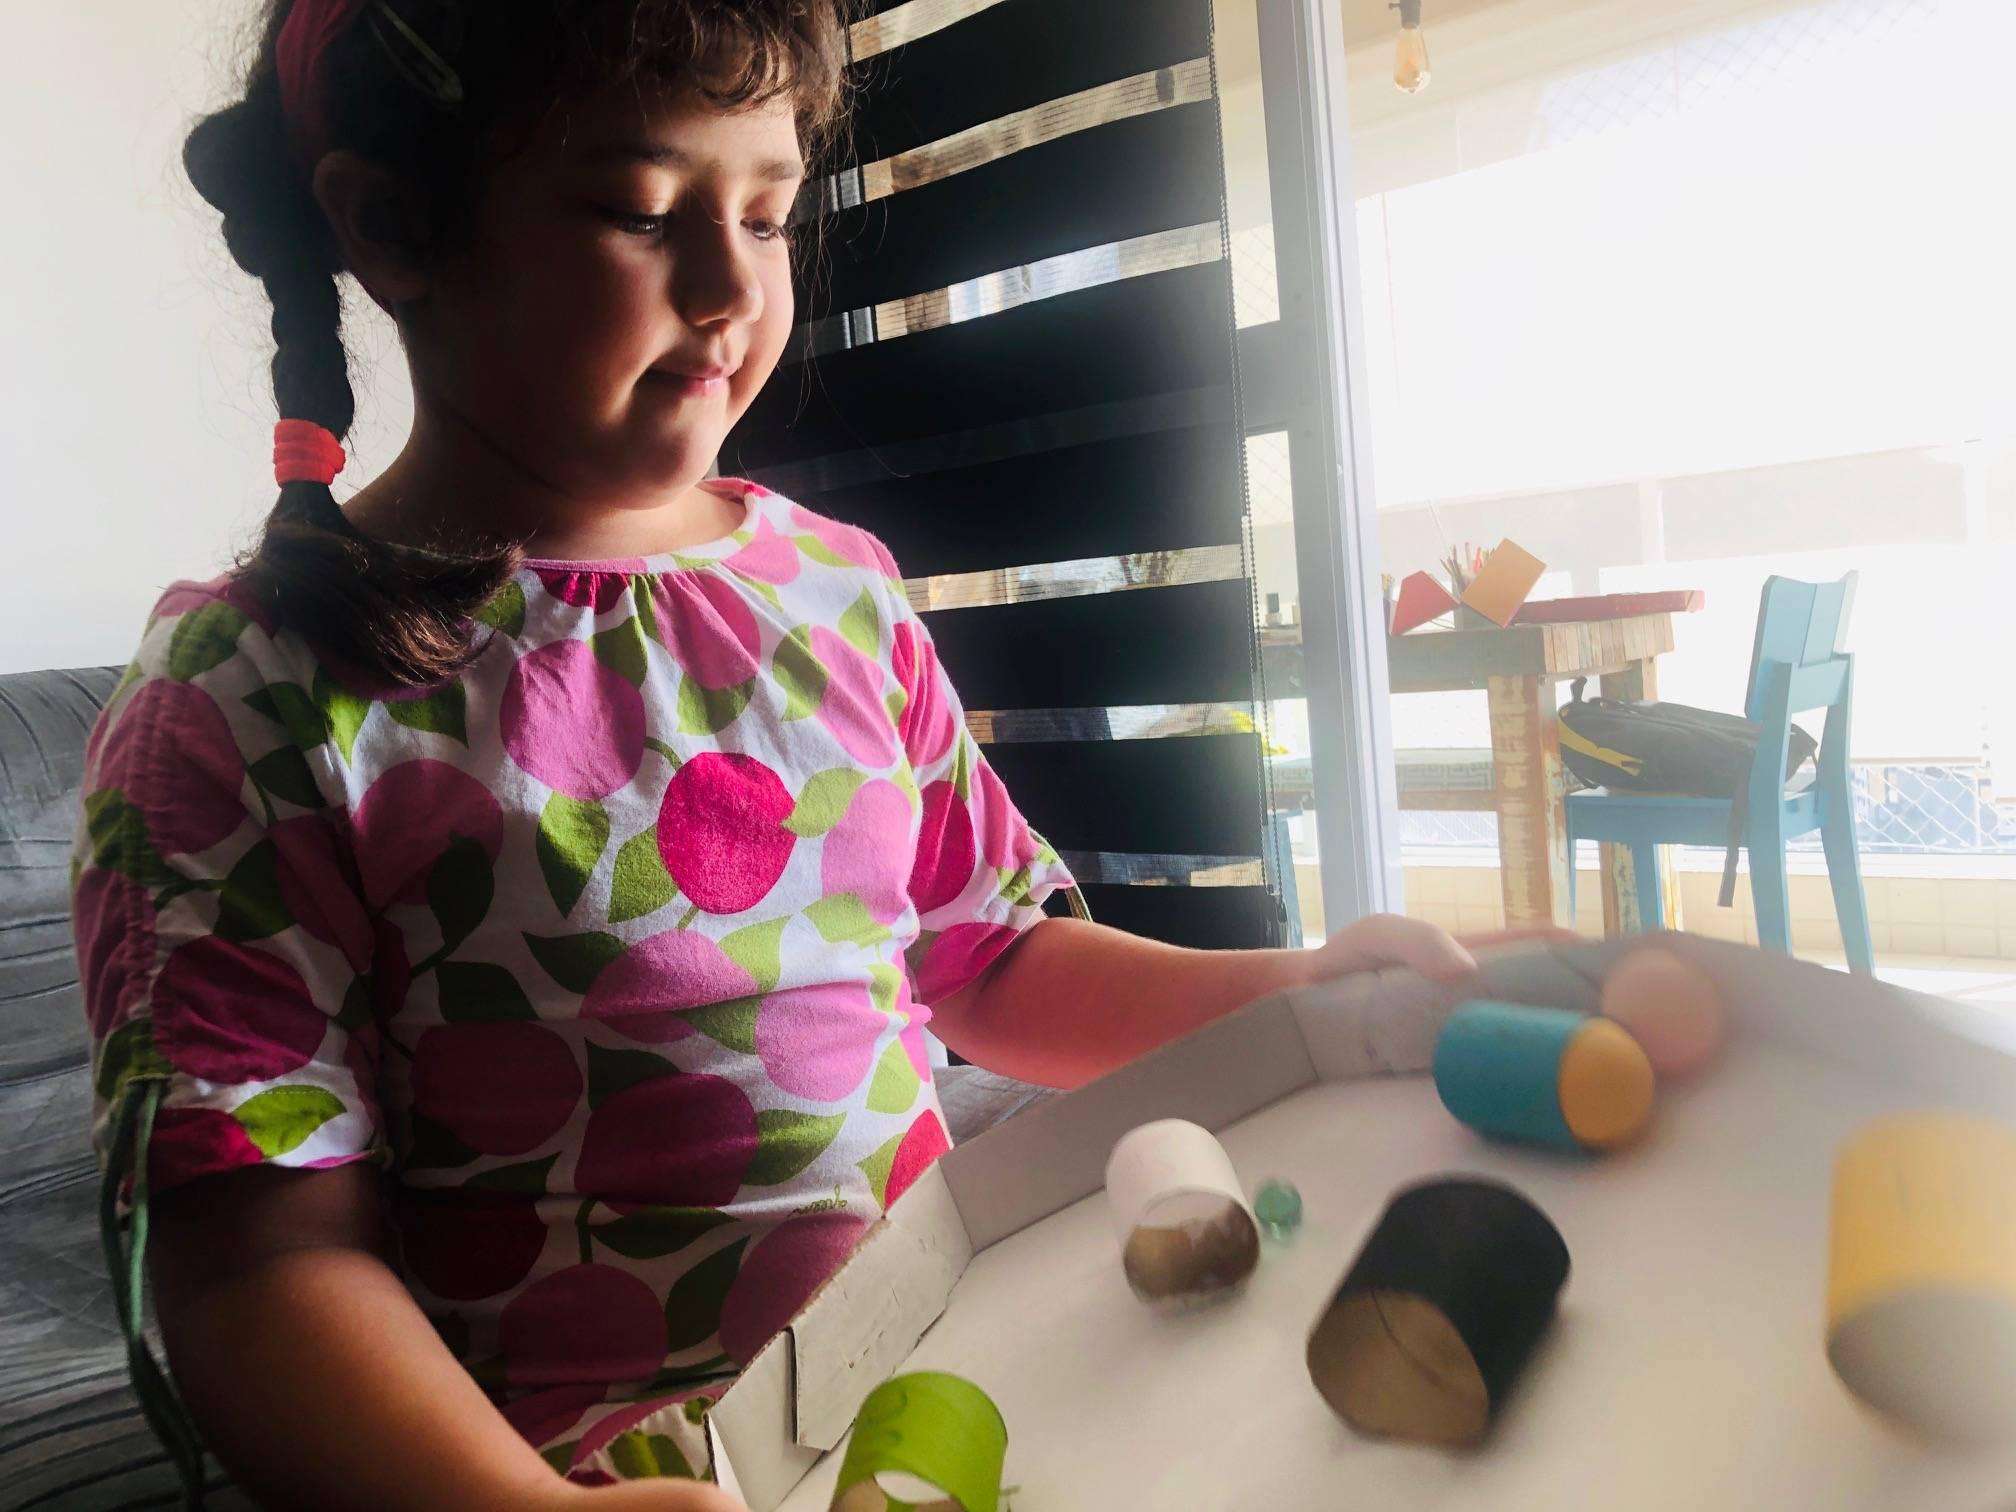 www.juicysantos.com.br - atividades para crianças em casa brinquedo de sucata